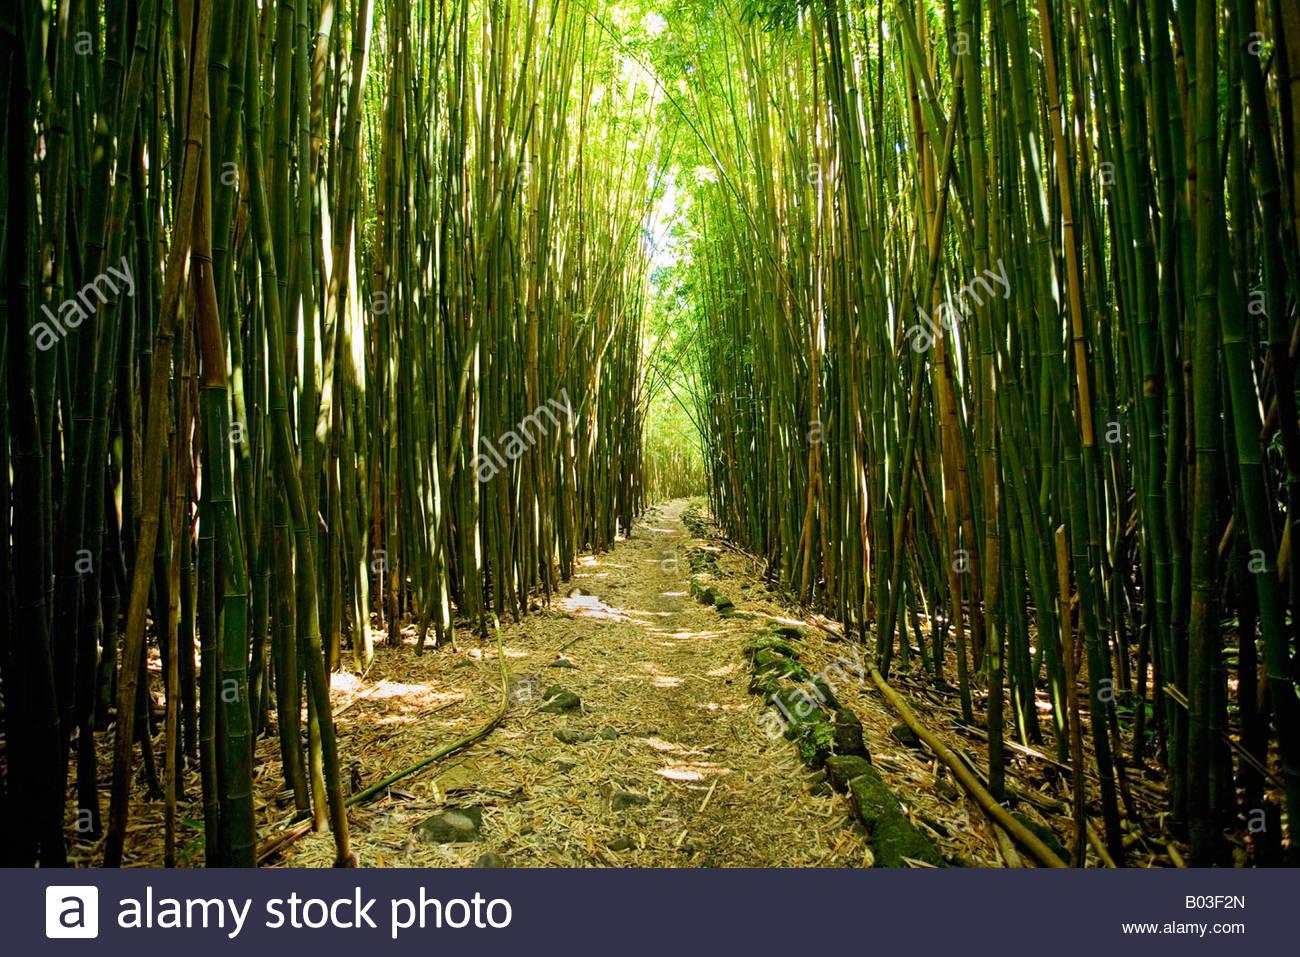 Pipiwai Trail In Bambus Wald Des Haleakala National Park Auf Der